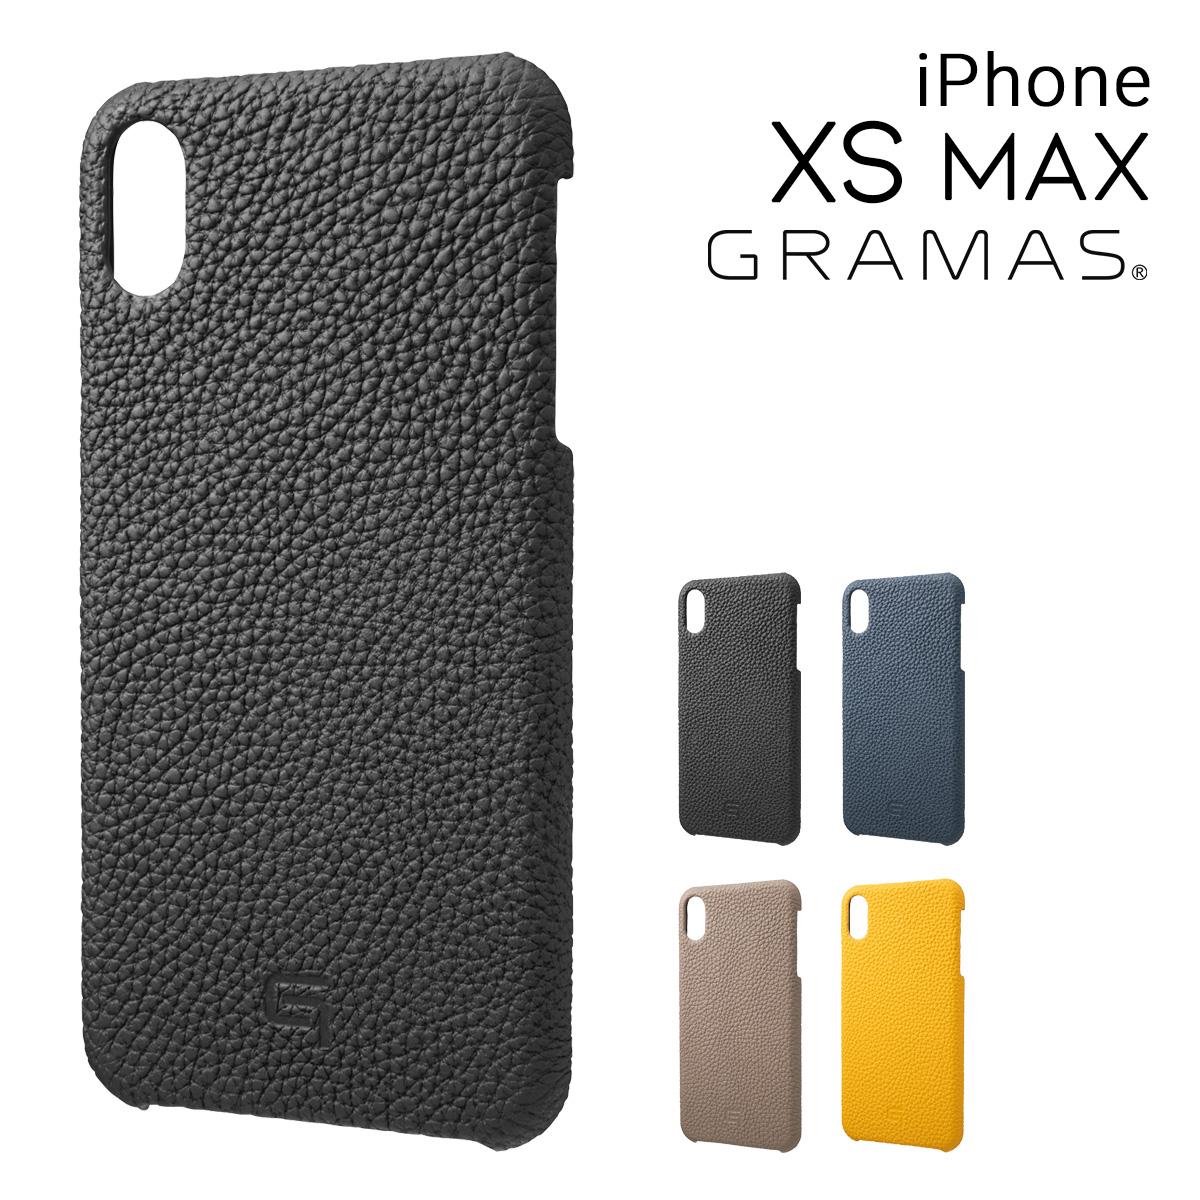 グラマス iPhoneXS Max ケース メンズ レディース GSC-72458 GRAMAS | スマートフォンケース 本革[即日発送][bef]